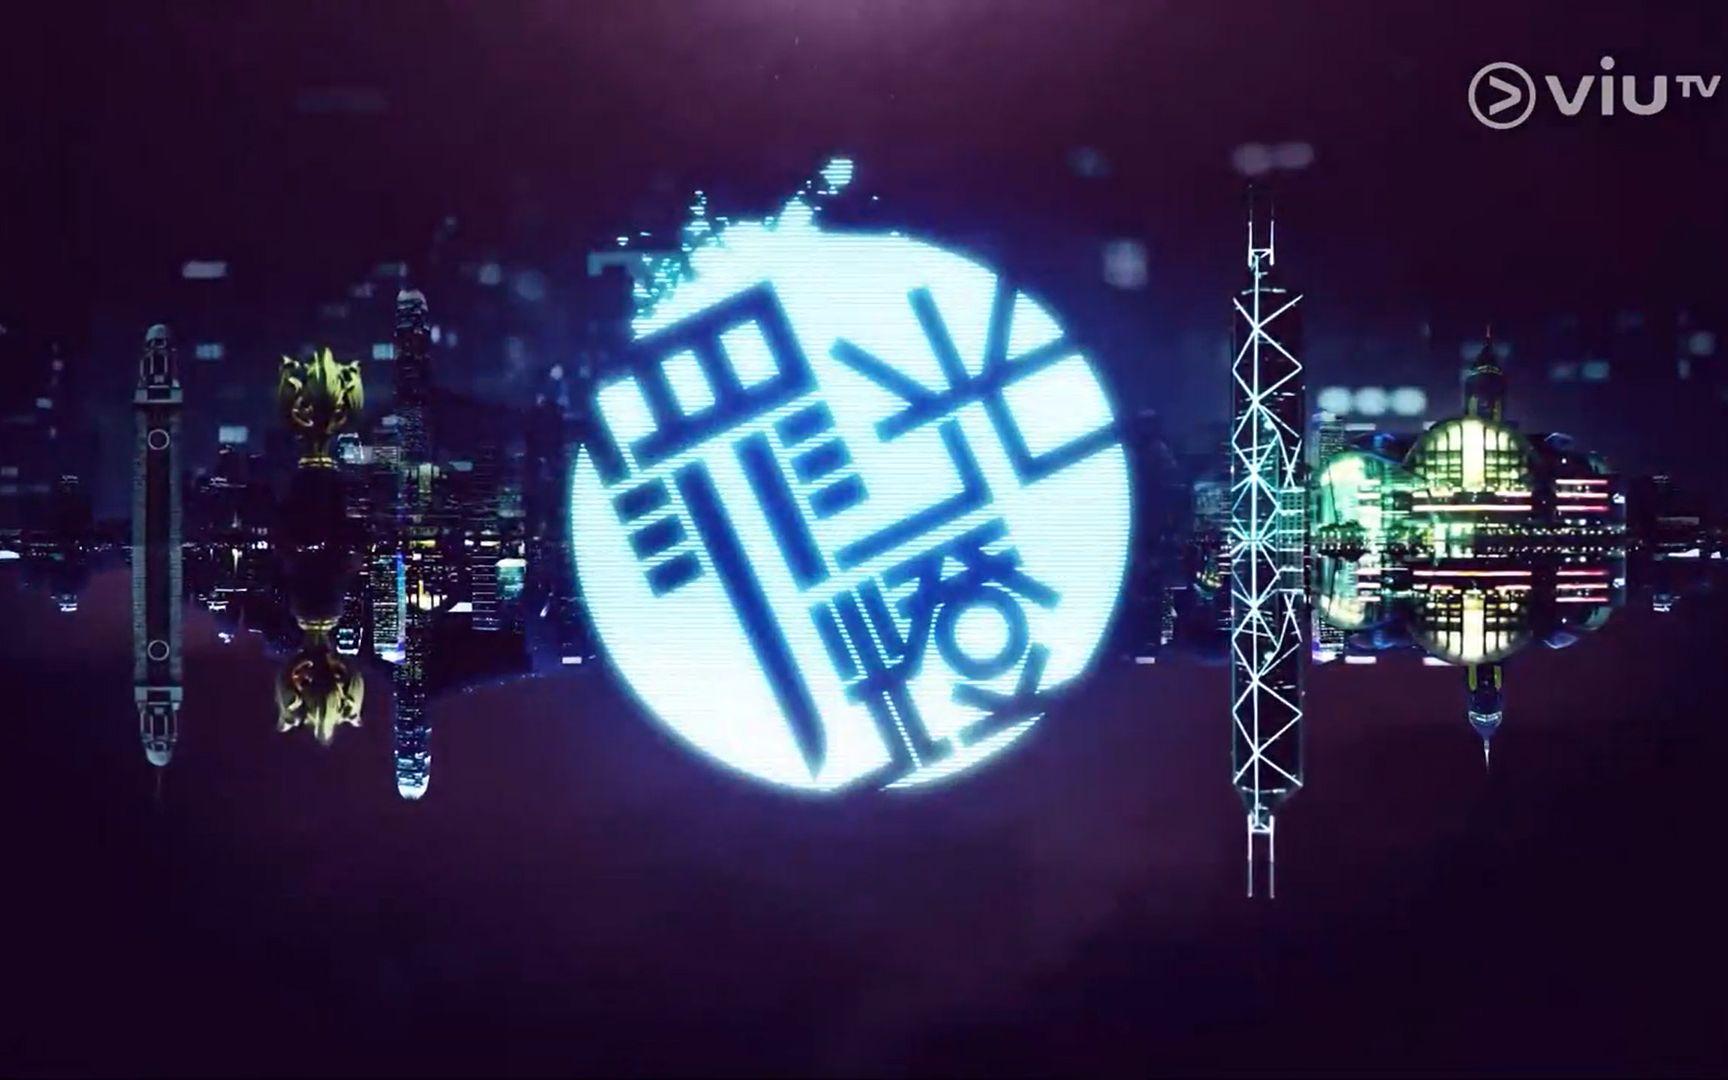 [Viu TV]晚吹-罪光燈(更新至第114集)_嗶哩嗶哩 (゜-゜)つロ 干杯~-bilibili